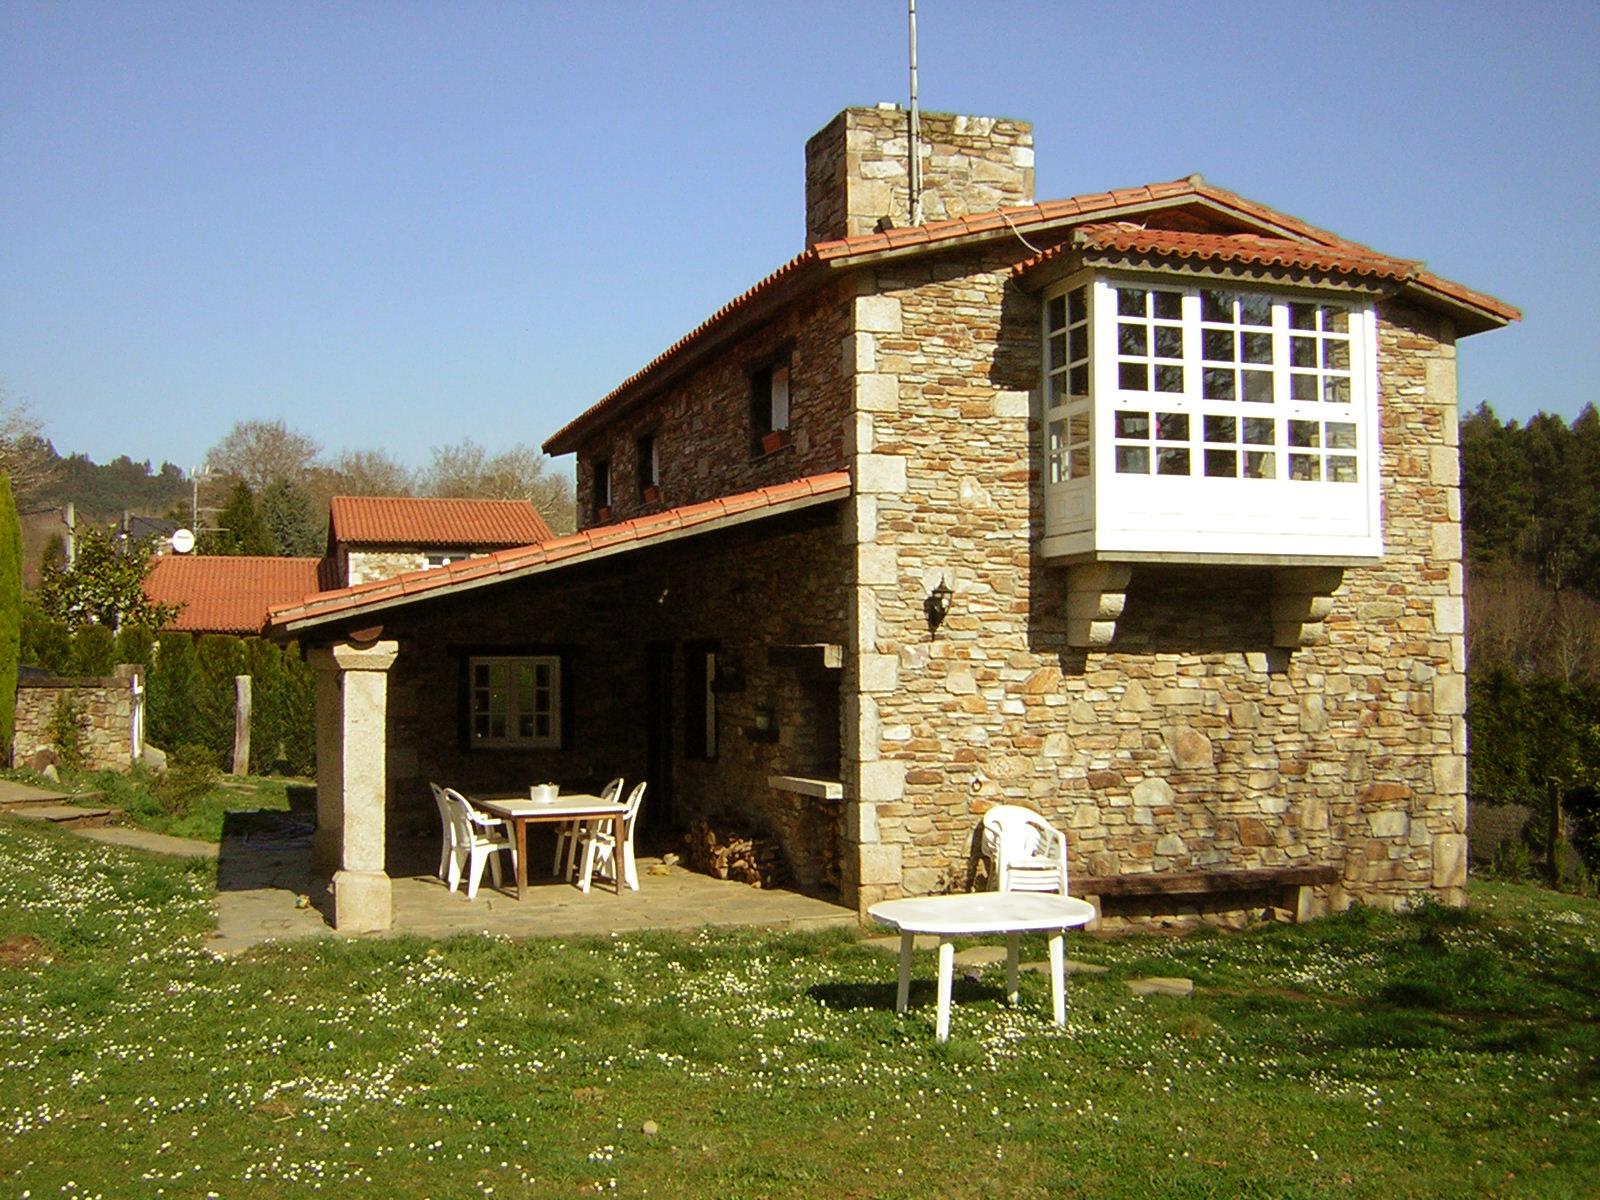 Construcciones r sticas gallegas rois 5 - Casas de piedra gallegas ...